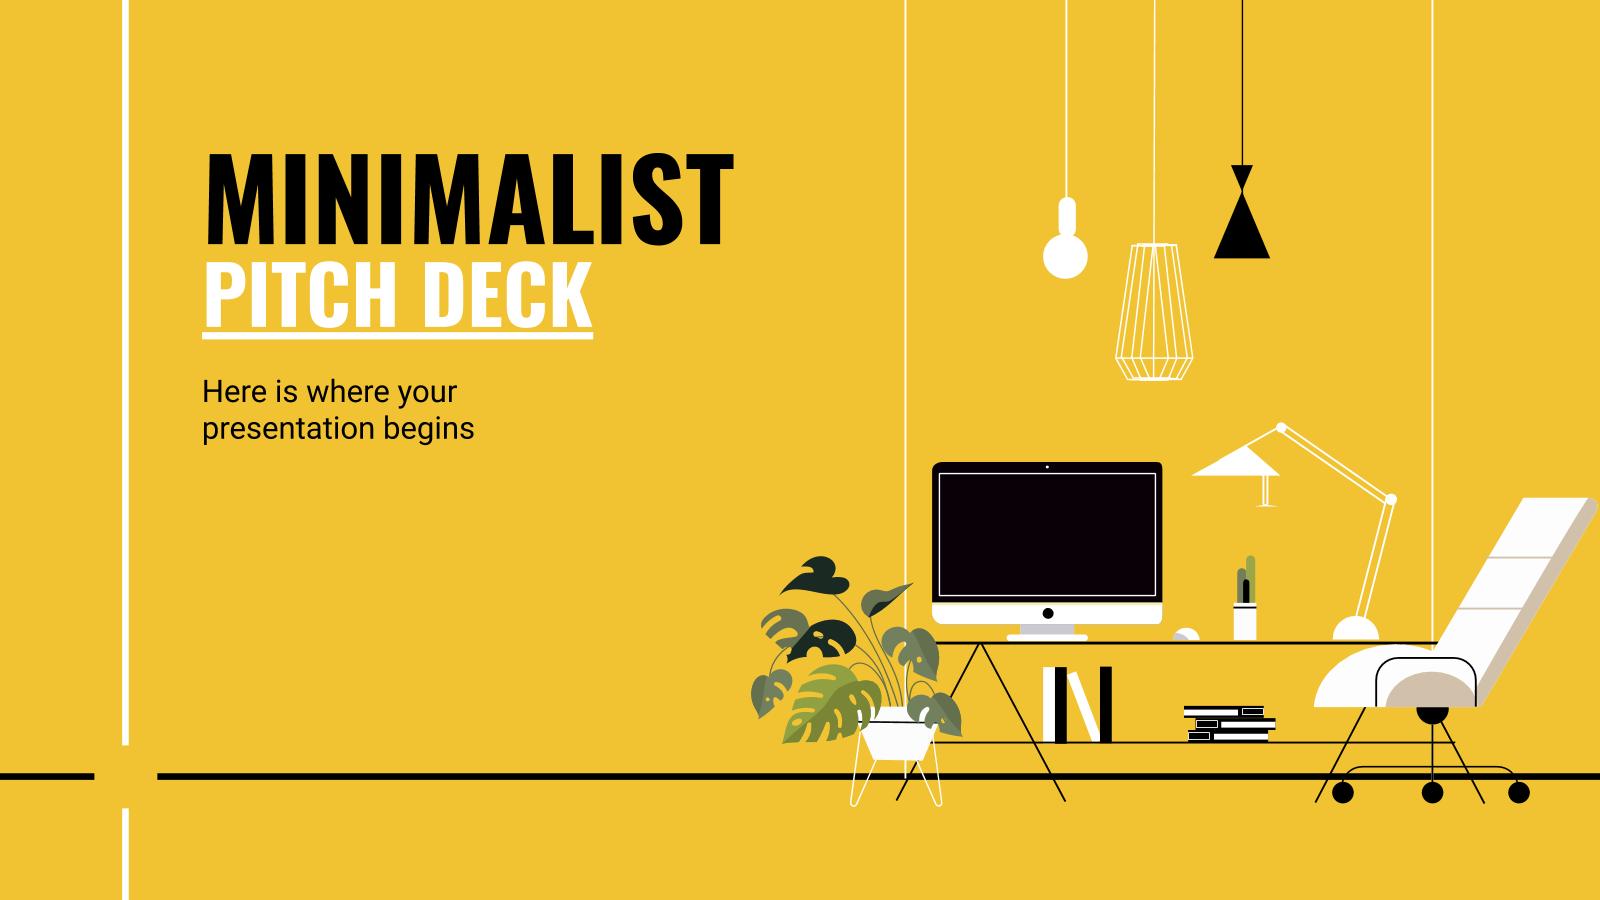 Plantilla de presentación Pitch deck minimalista